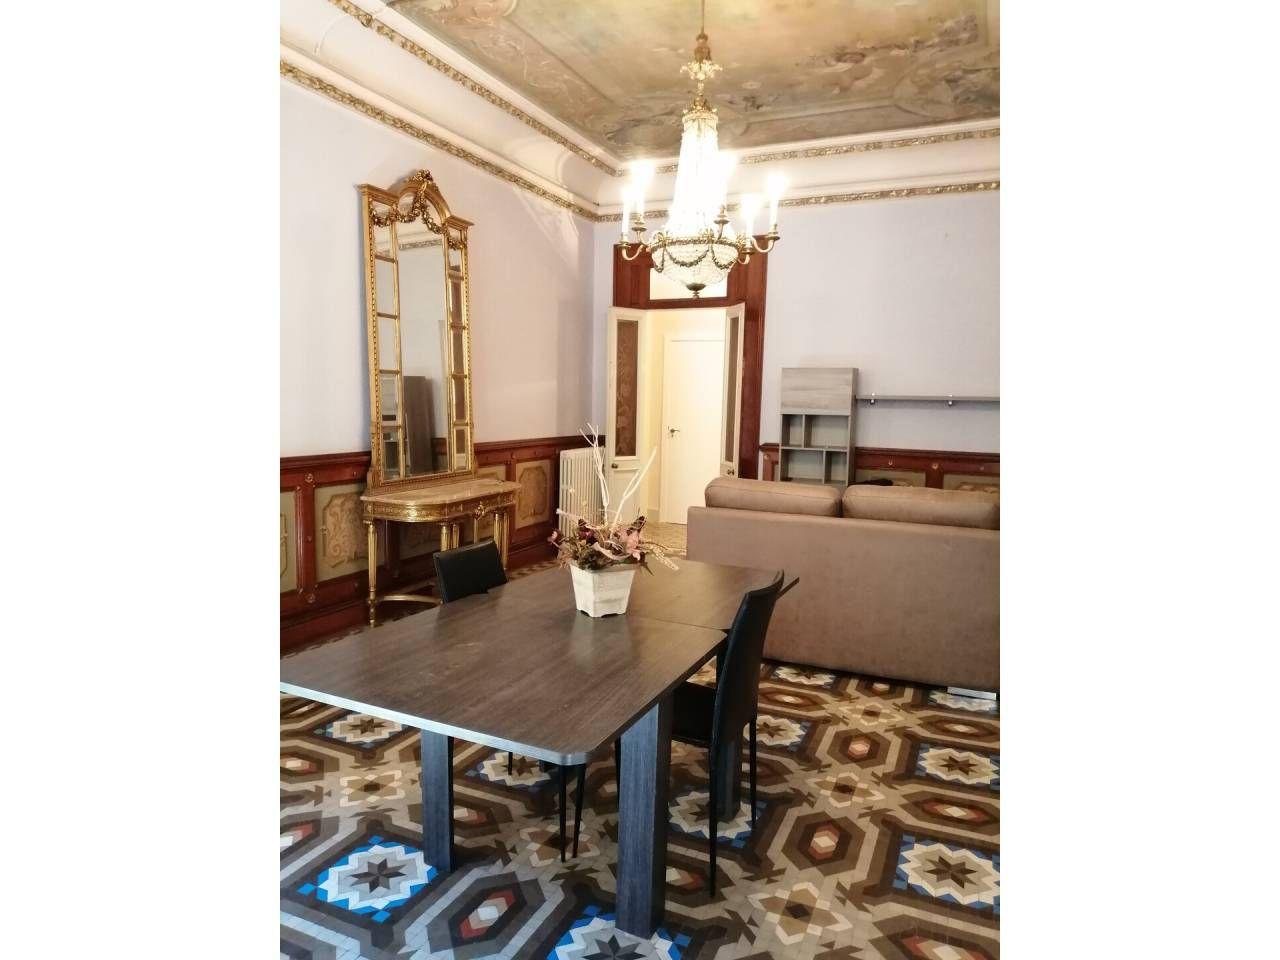 Lloguer Pis  Valls. Superf. 50 m²,  1 habitación doble,  1 baño, cocina, suelos gres